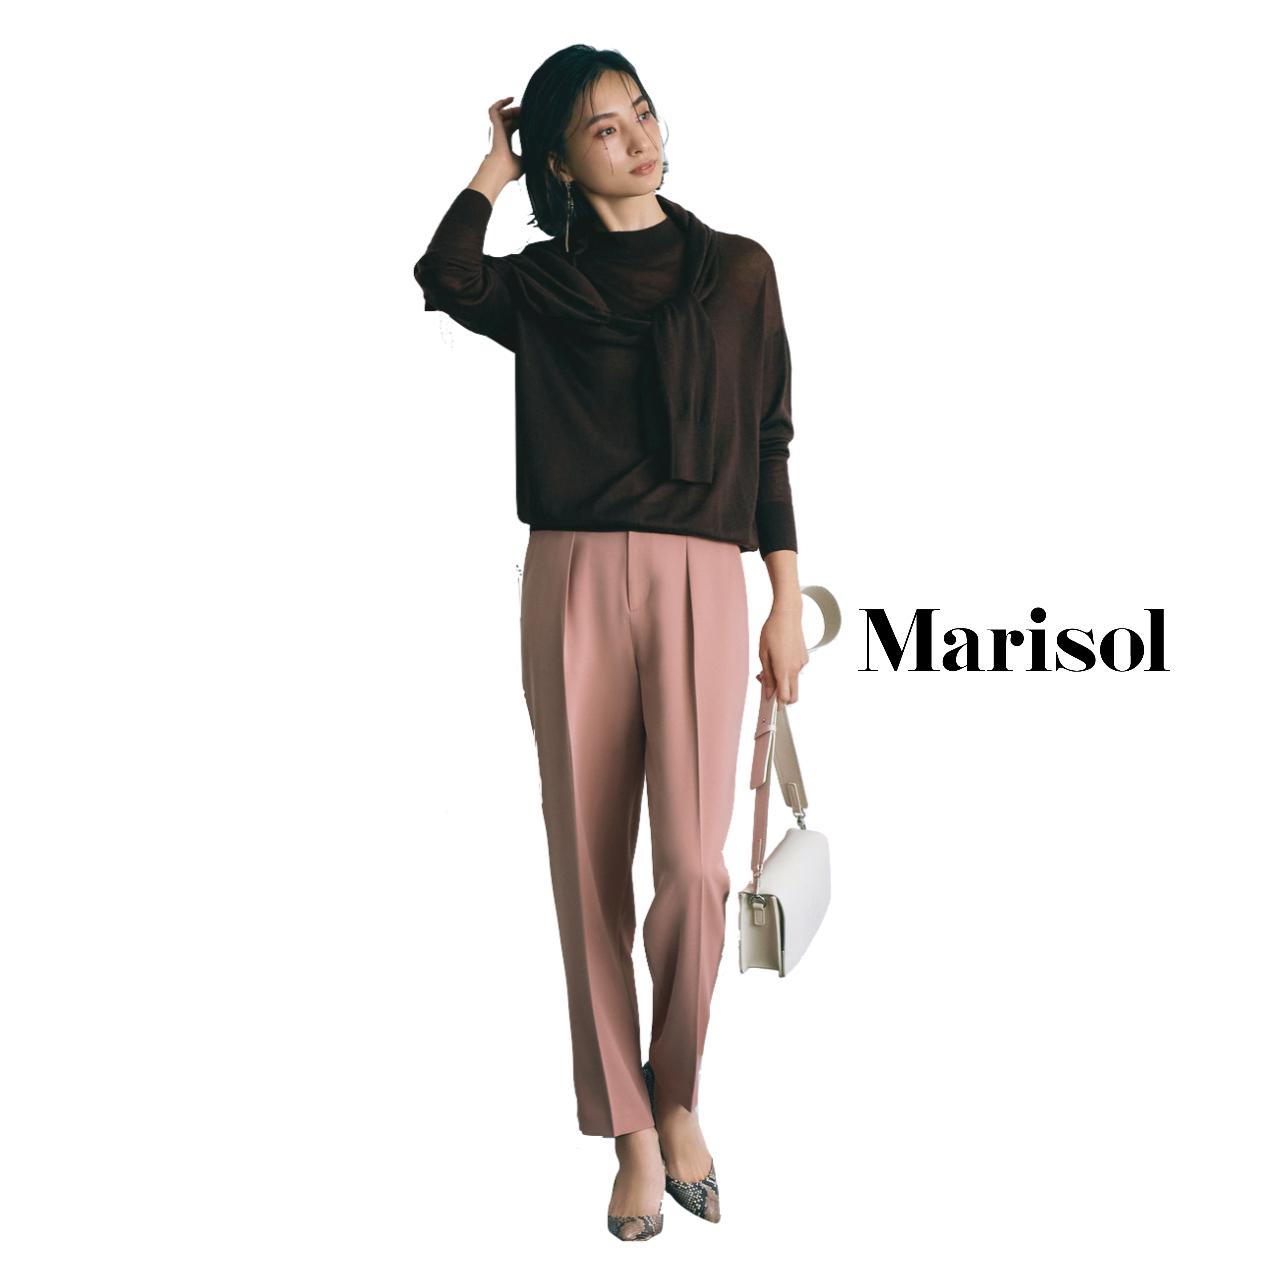 40代ファッション ブラウンアンサンブルニット×ピンクパンツコーデ